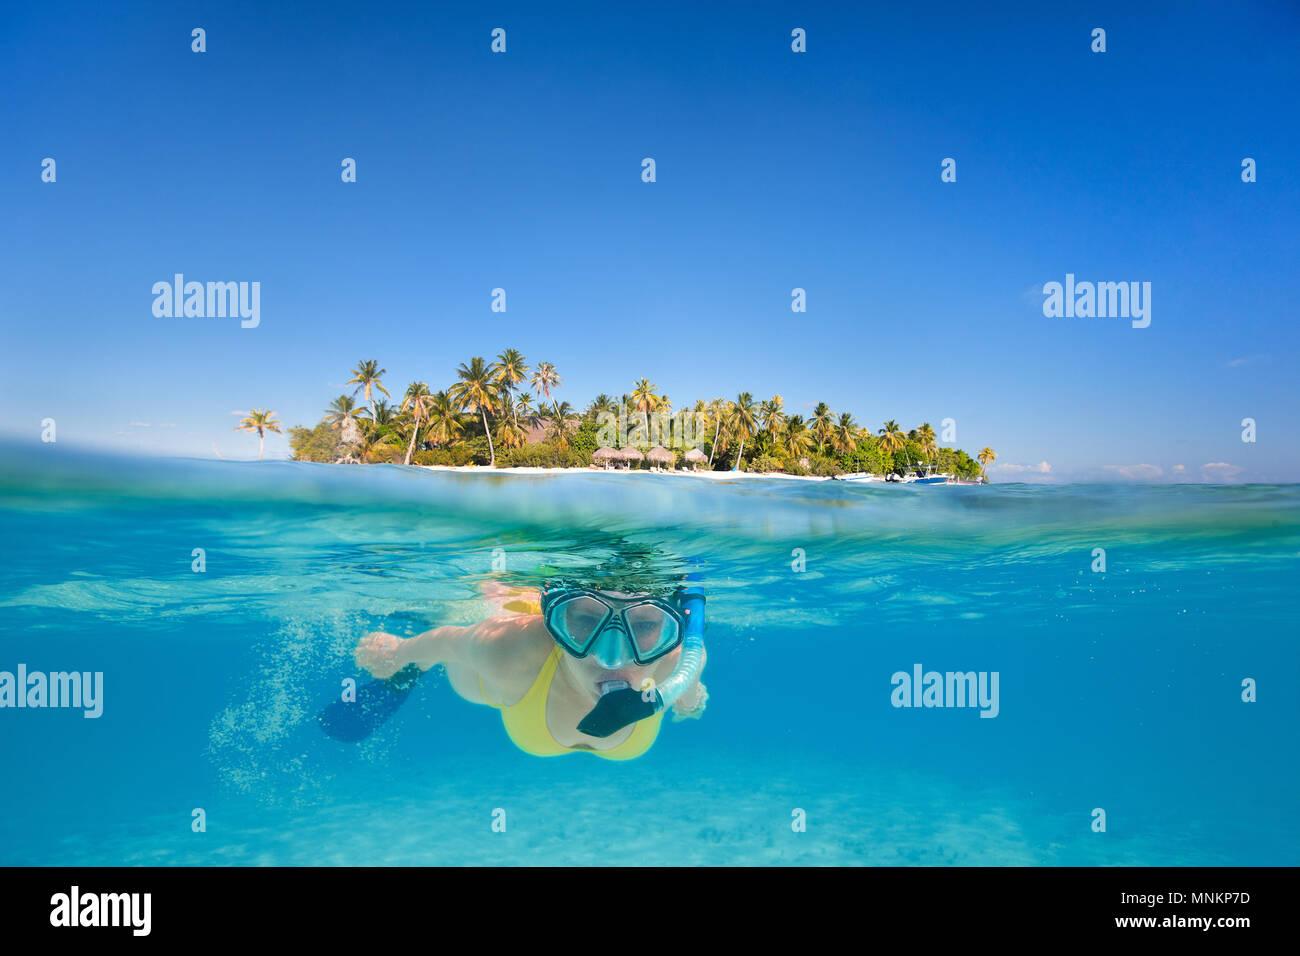 Femme de la plongée libre dans les eaux tropicales claire en face de l'île exotique Photo Stock